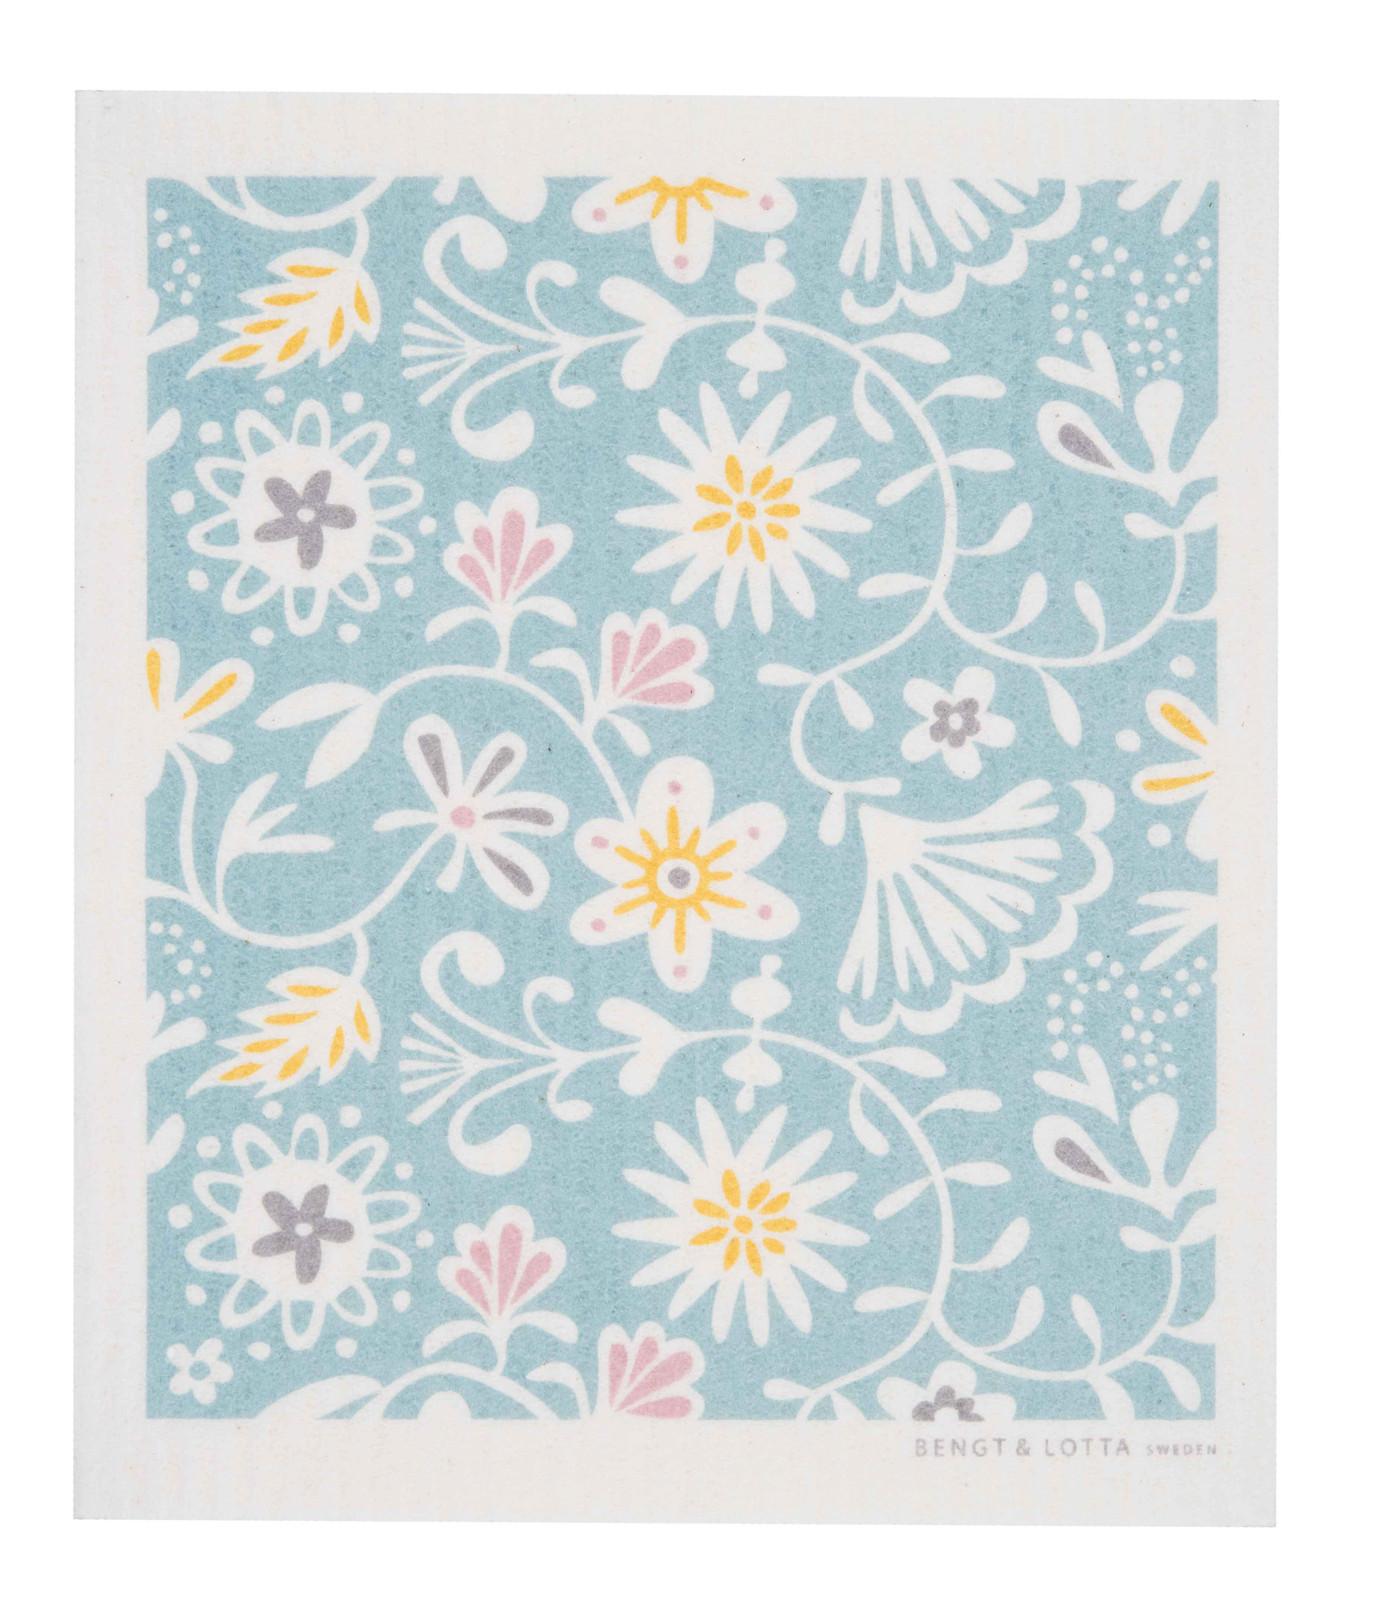 Swedish Christmas Dishcloth - Floral